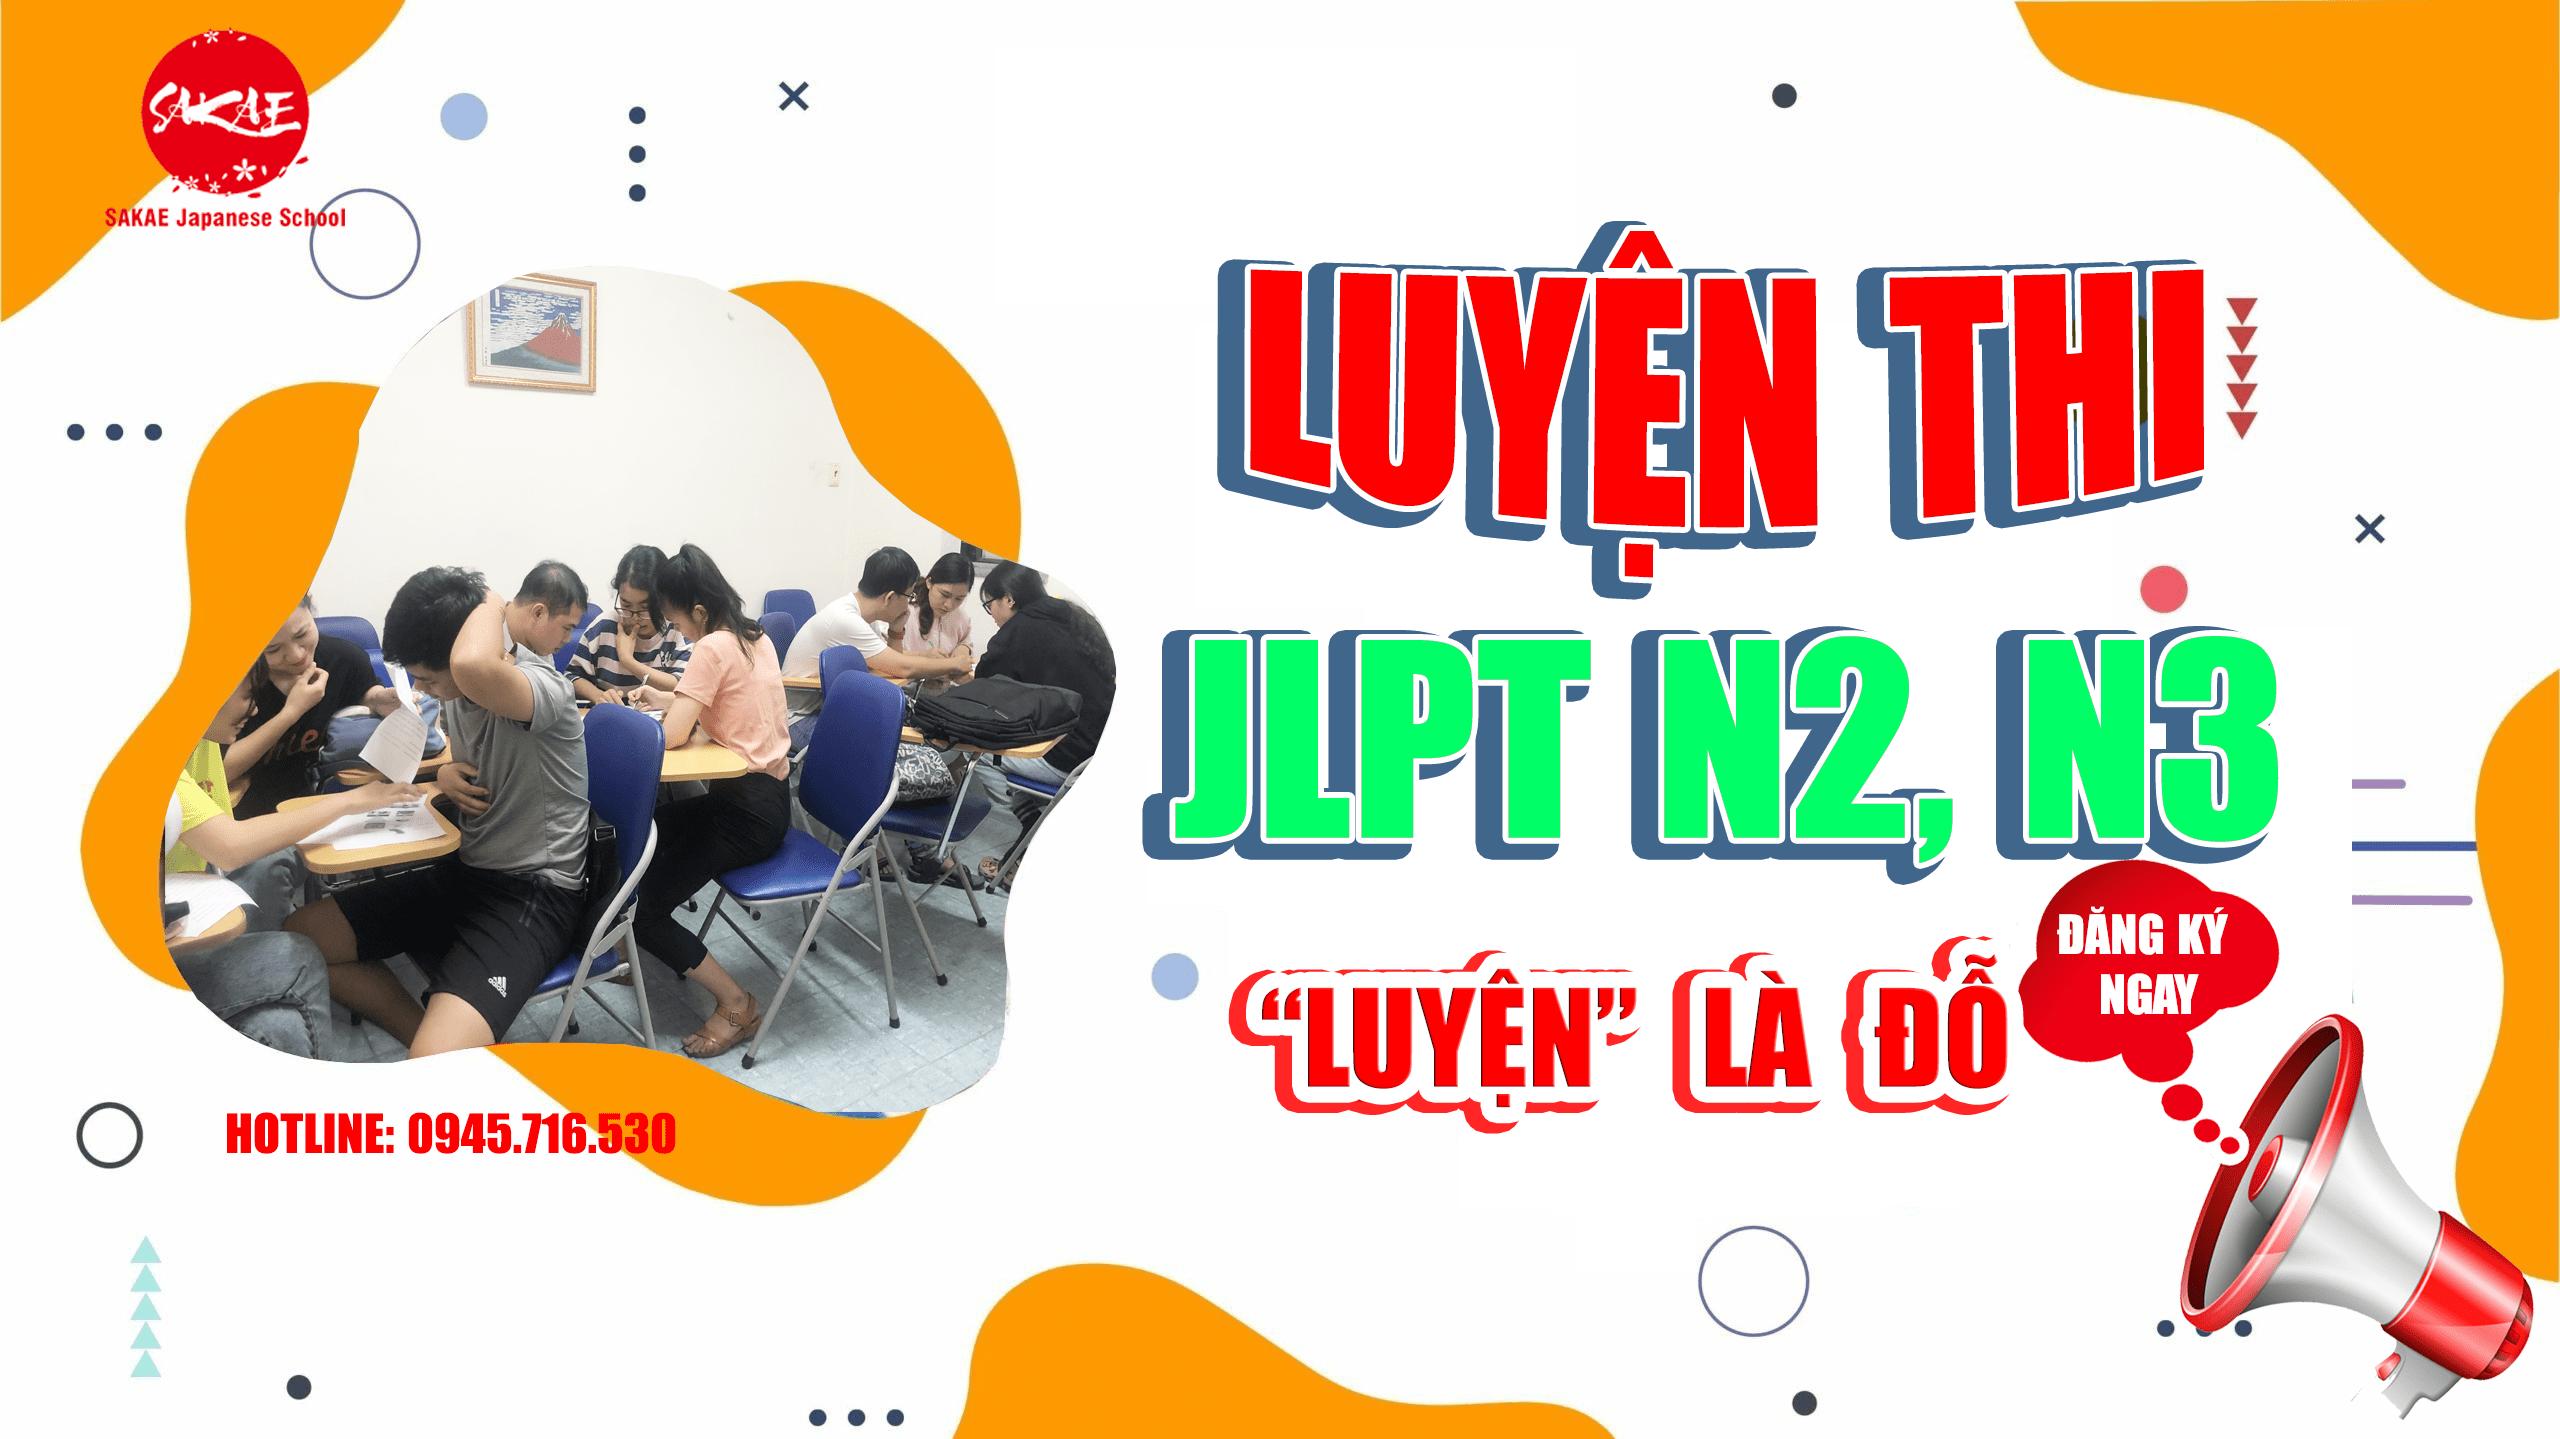 Khóa luyện thi tiếng Nhật JLPT N2 tại Thủ Đức, Dĩ An, quận 9